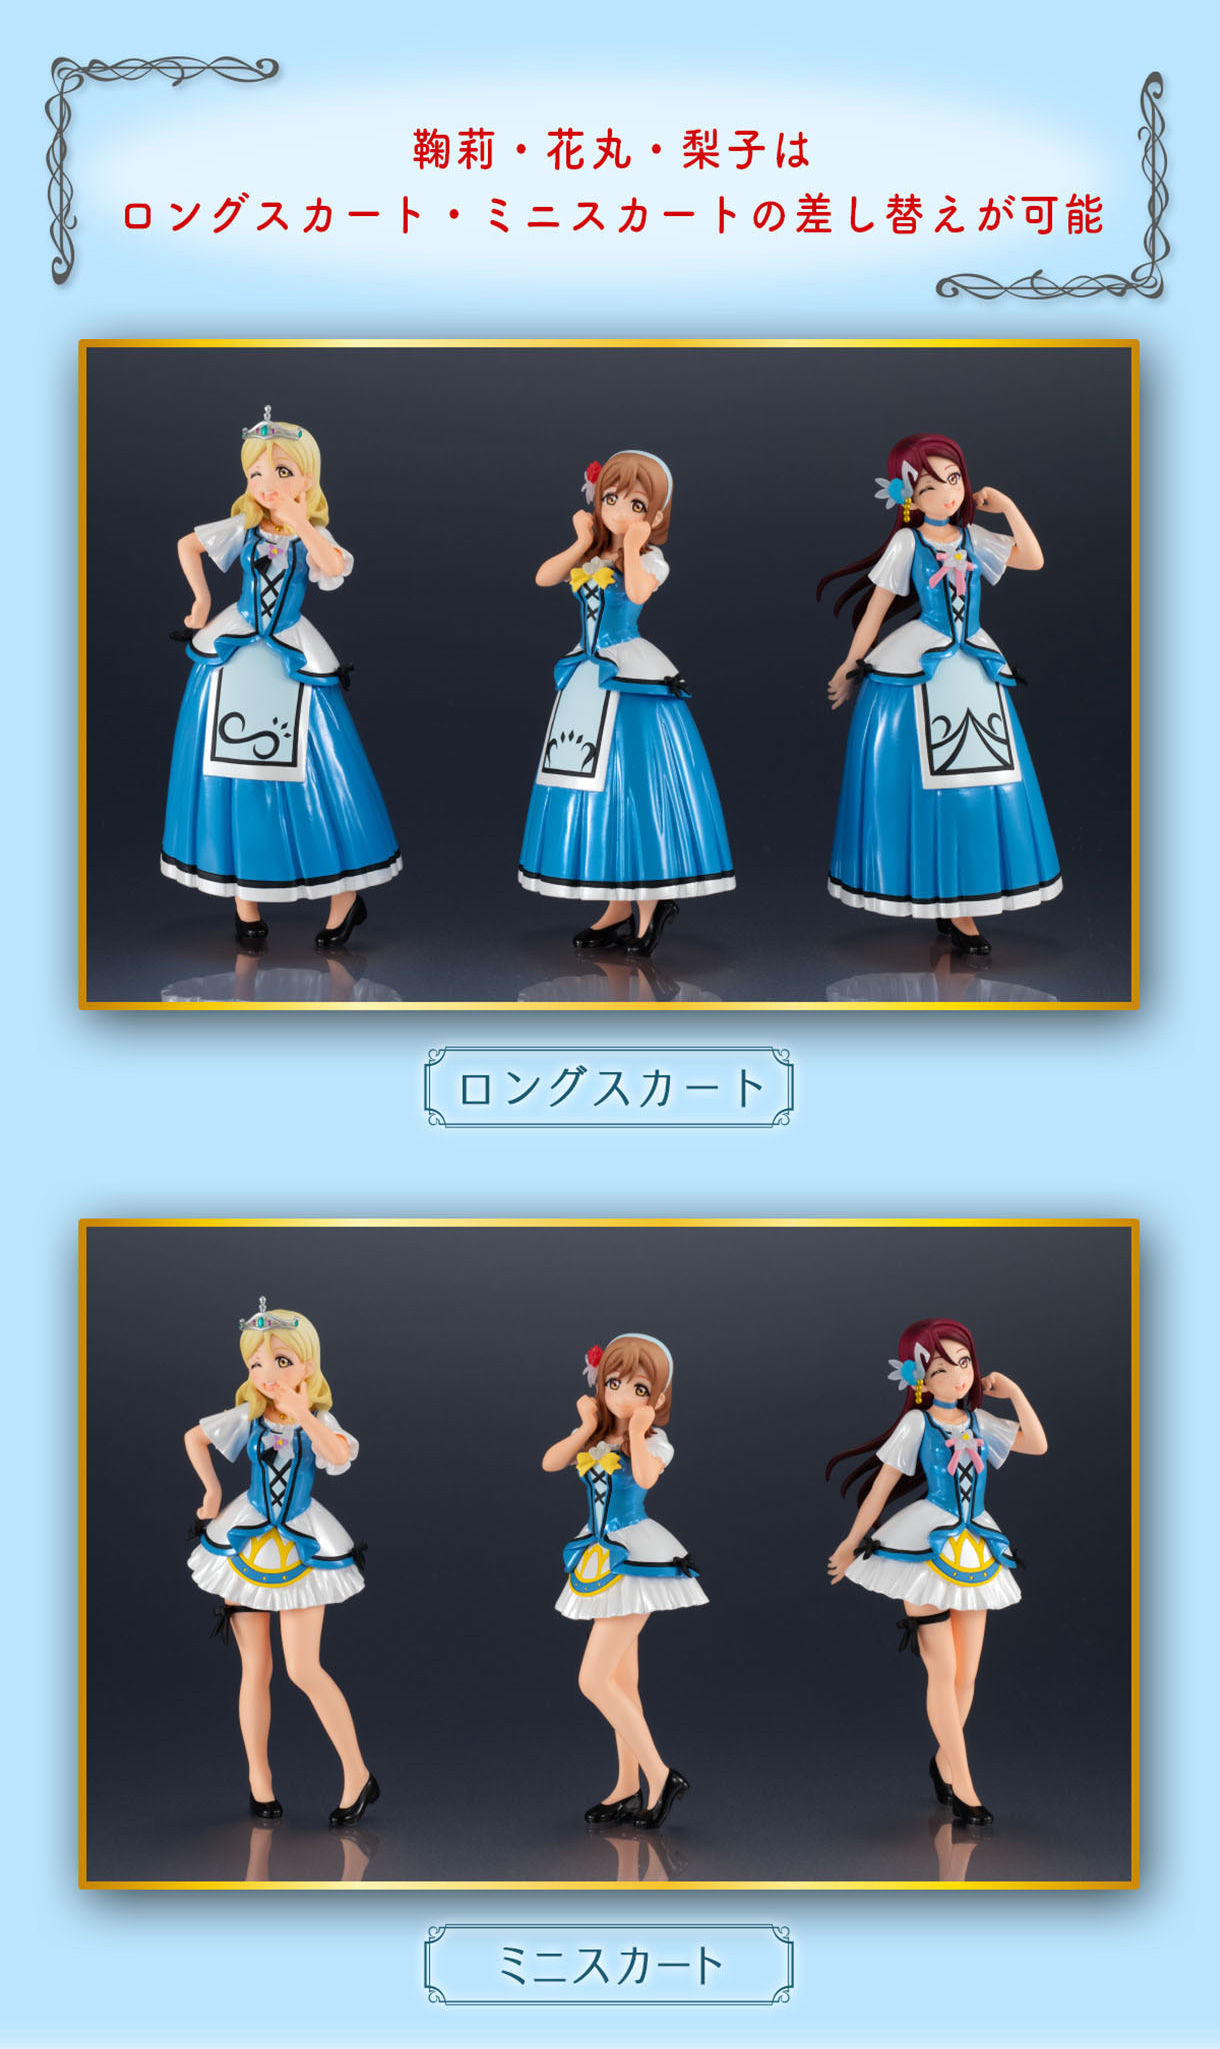 Gasha Portraits『ラブライブ!サンシャイン!! ~WATER BLUE NEW WORLD SET~』セット-011